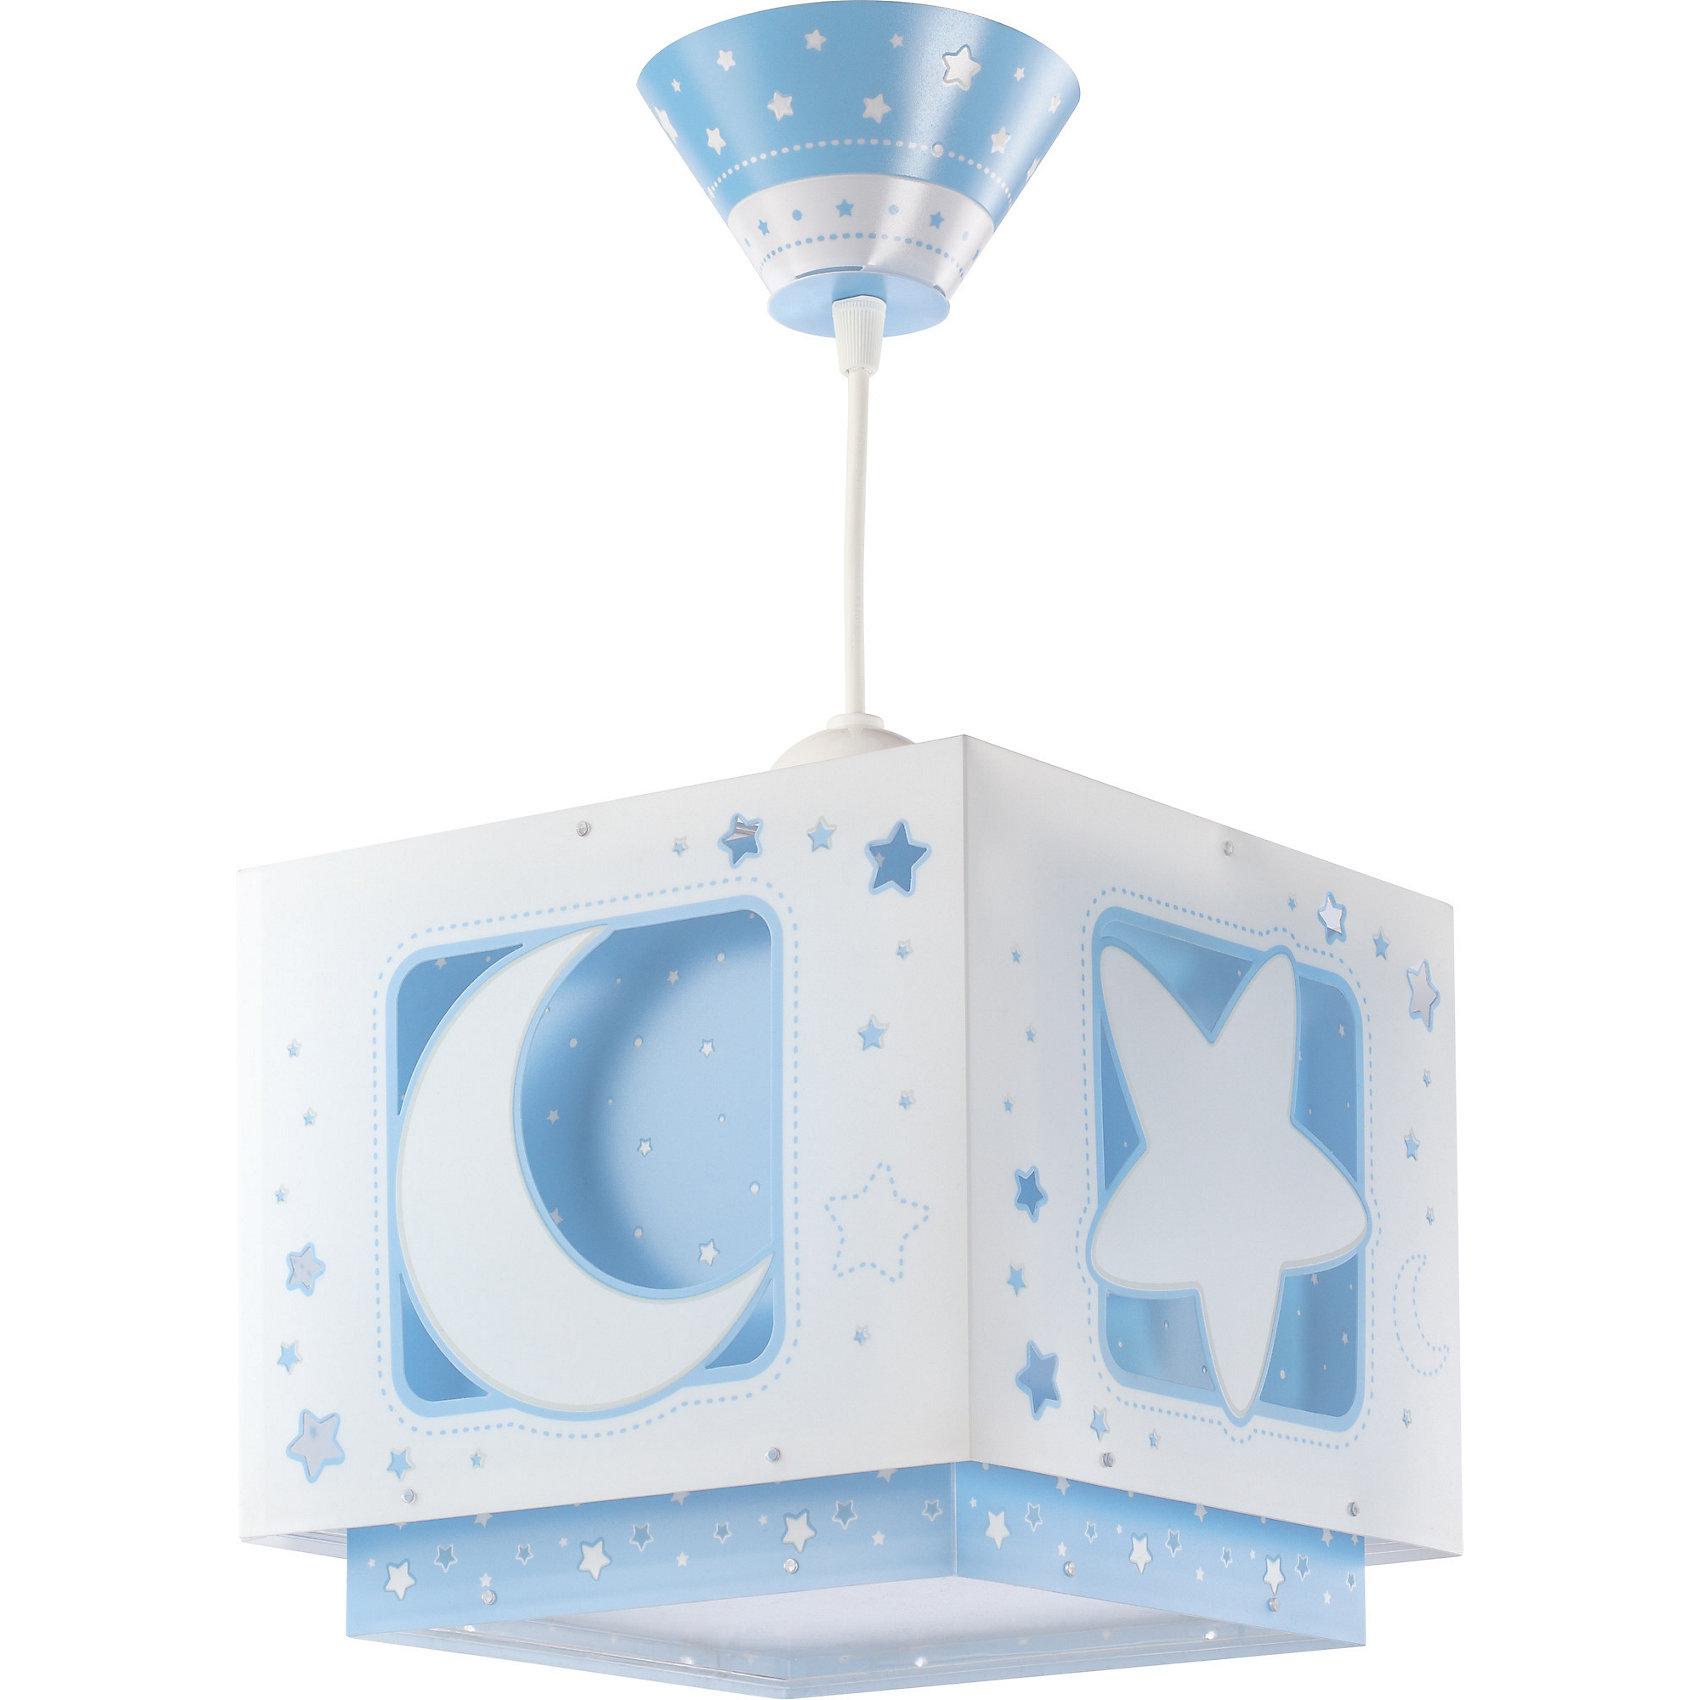 Dalber 63232T Hängeleuchte blauer Mond Kinderzimmer Lampe leuchte | eBay